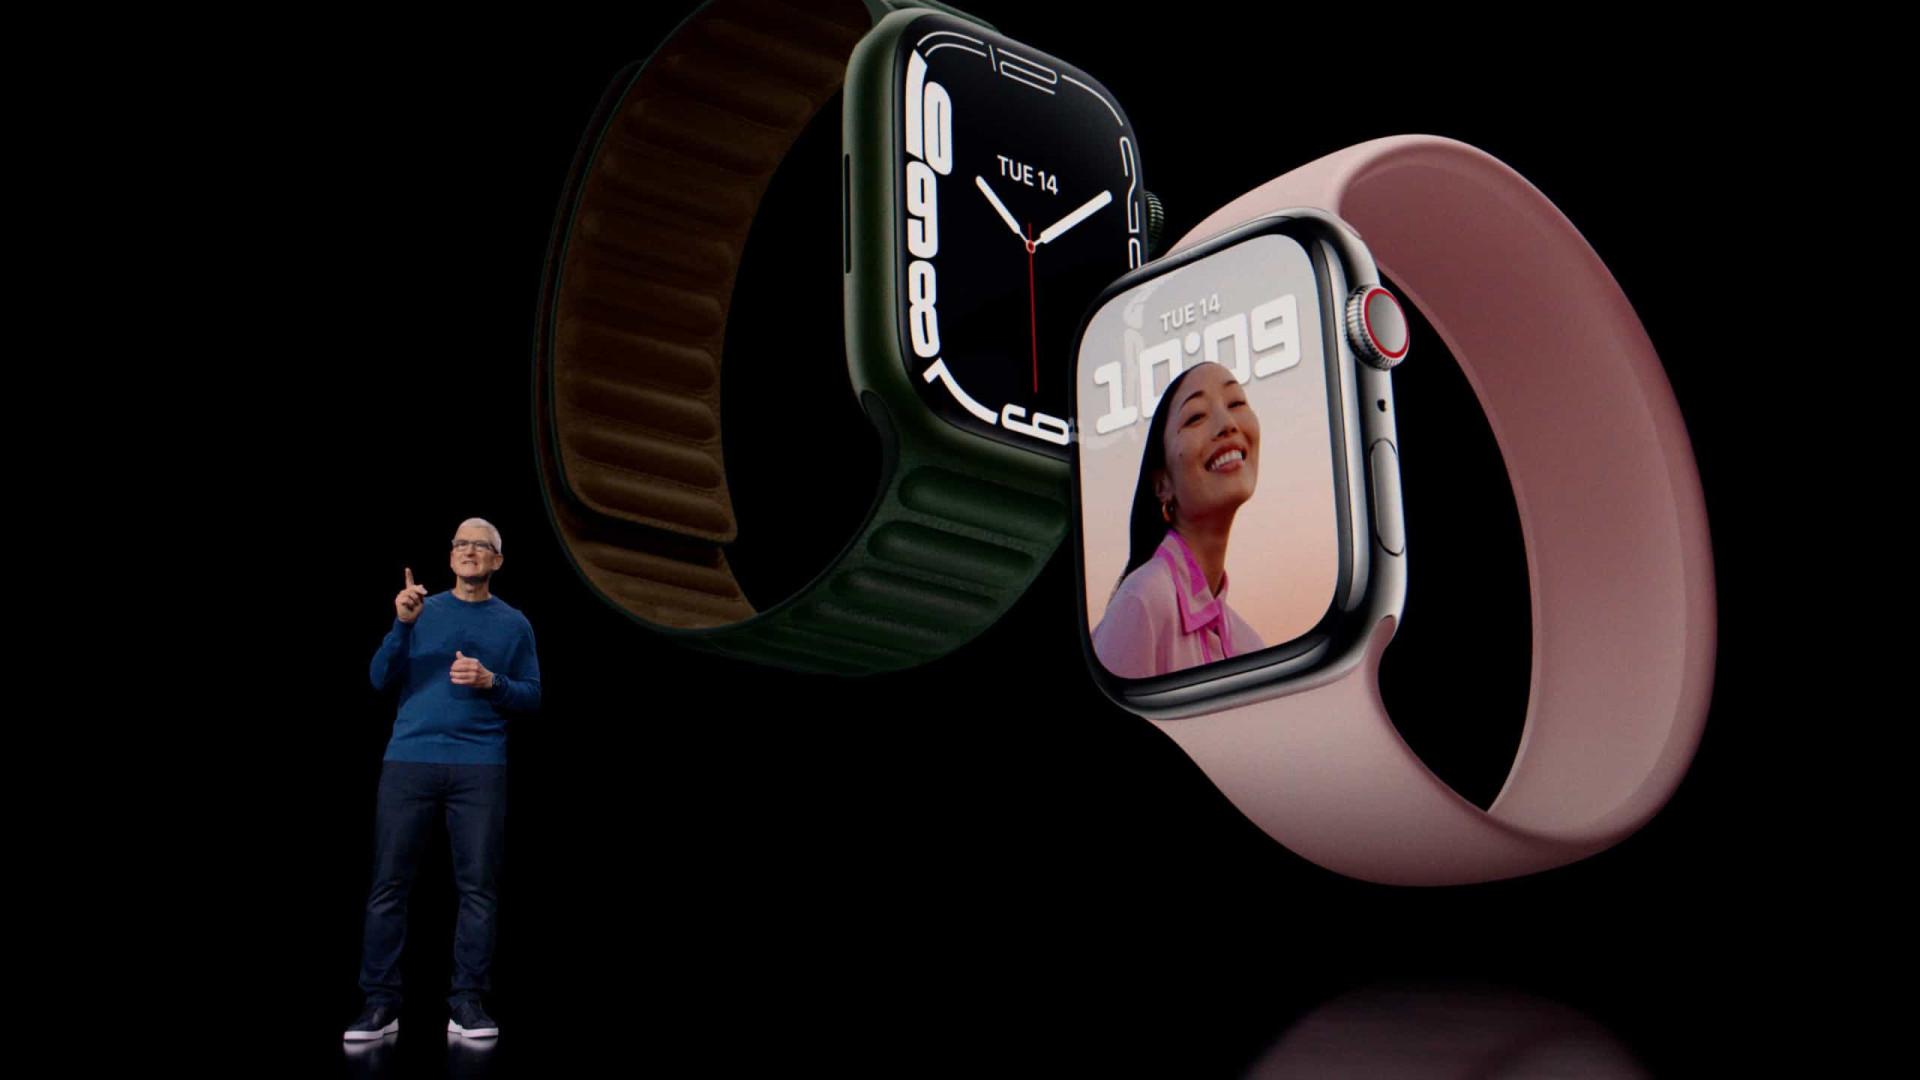 Atualização para Apple Watch será lançada na próxima semana